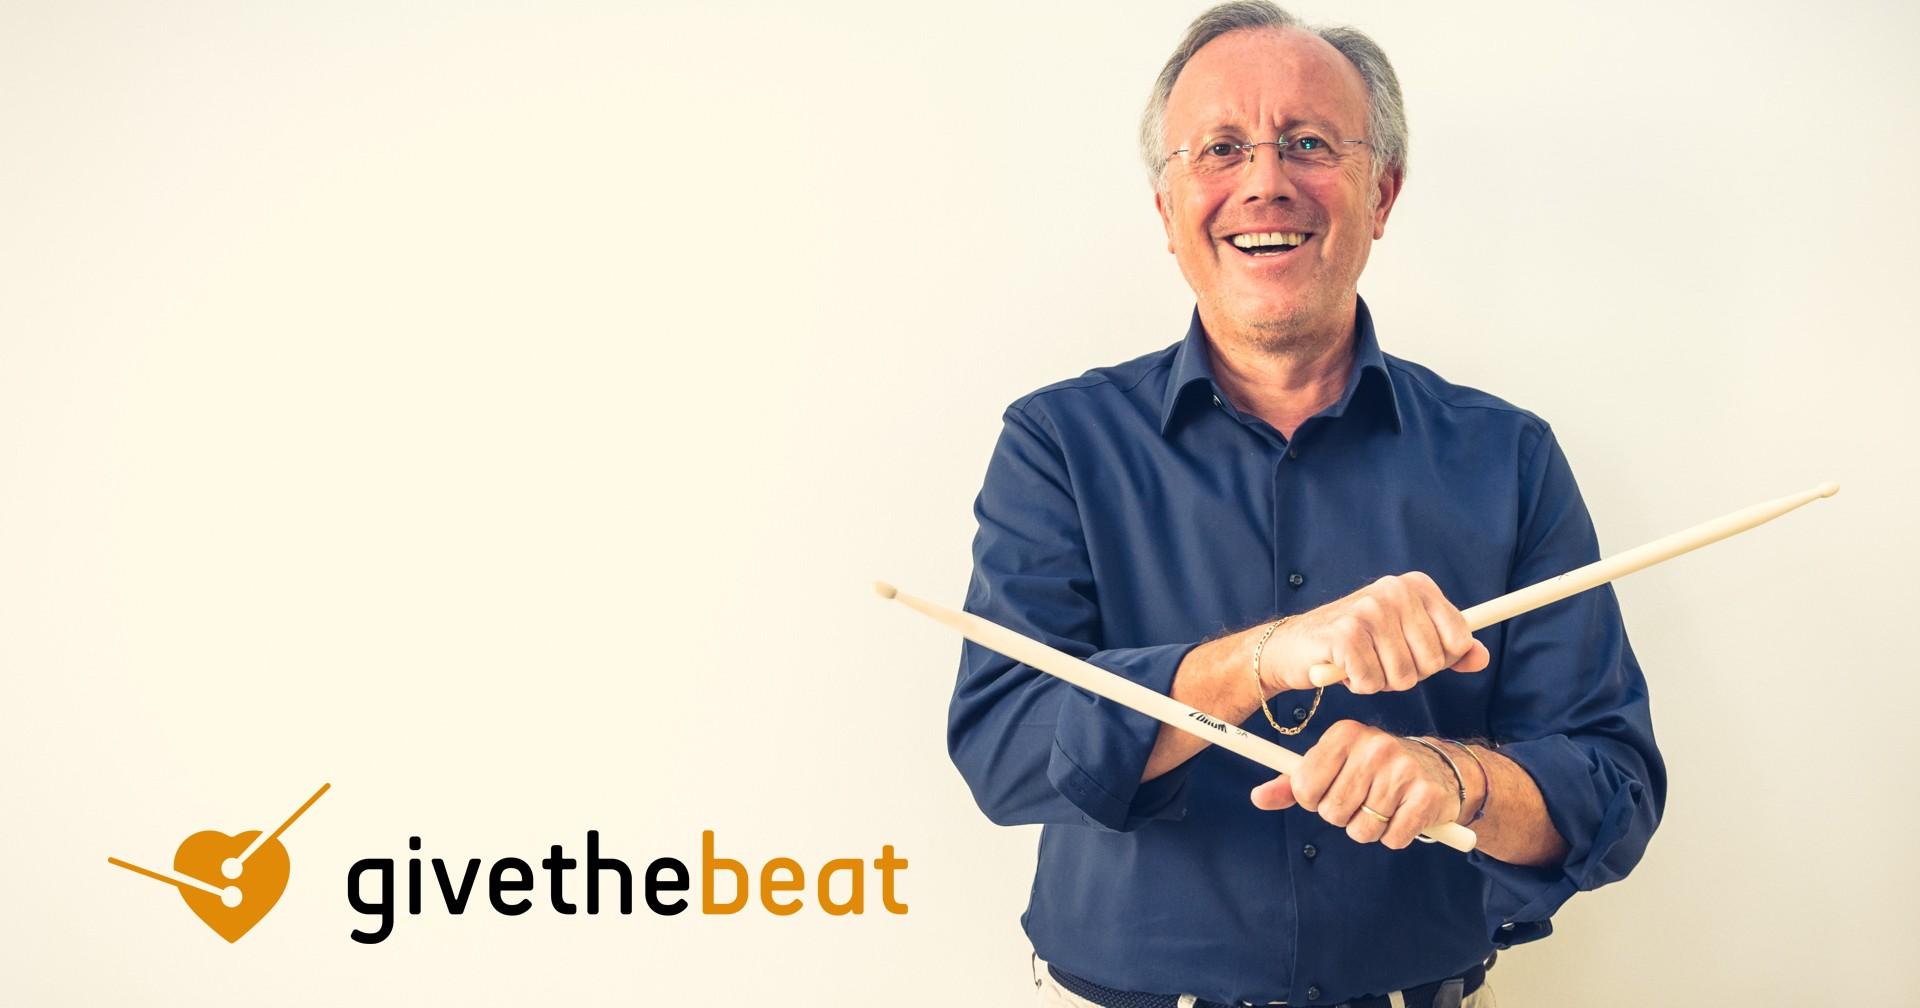 #GivetheBeat - Roberto Bercè-Roberto Bercè